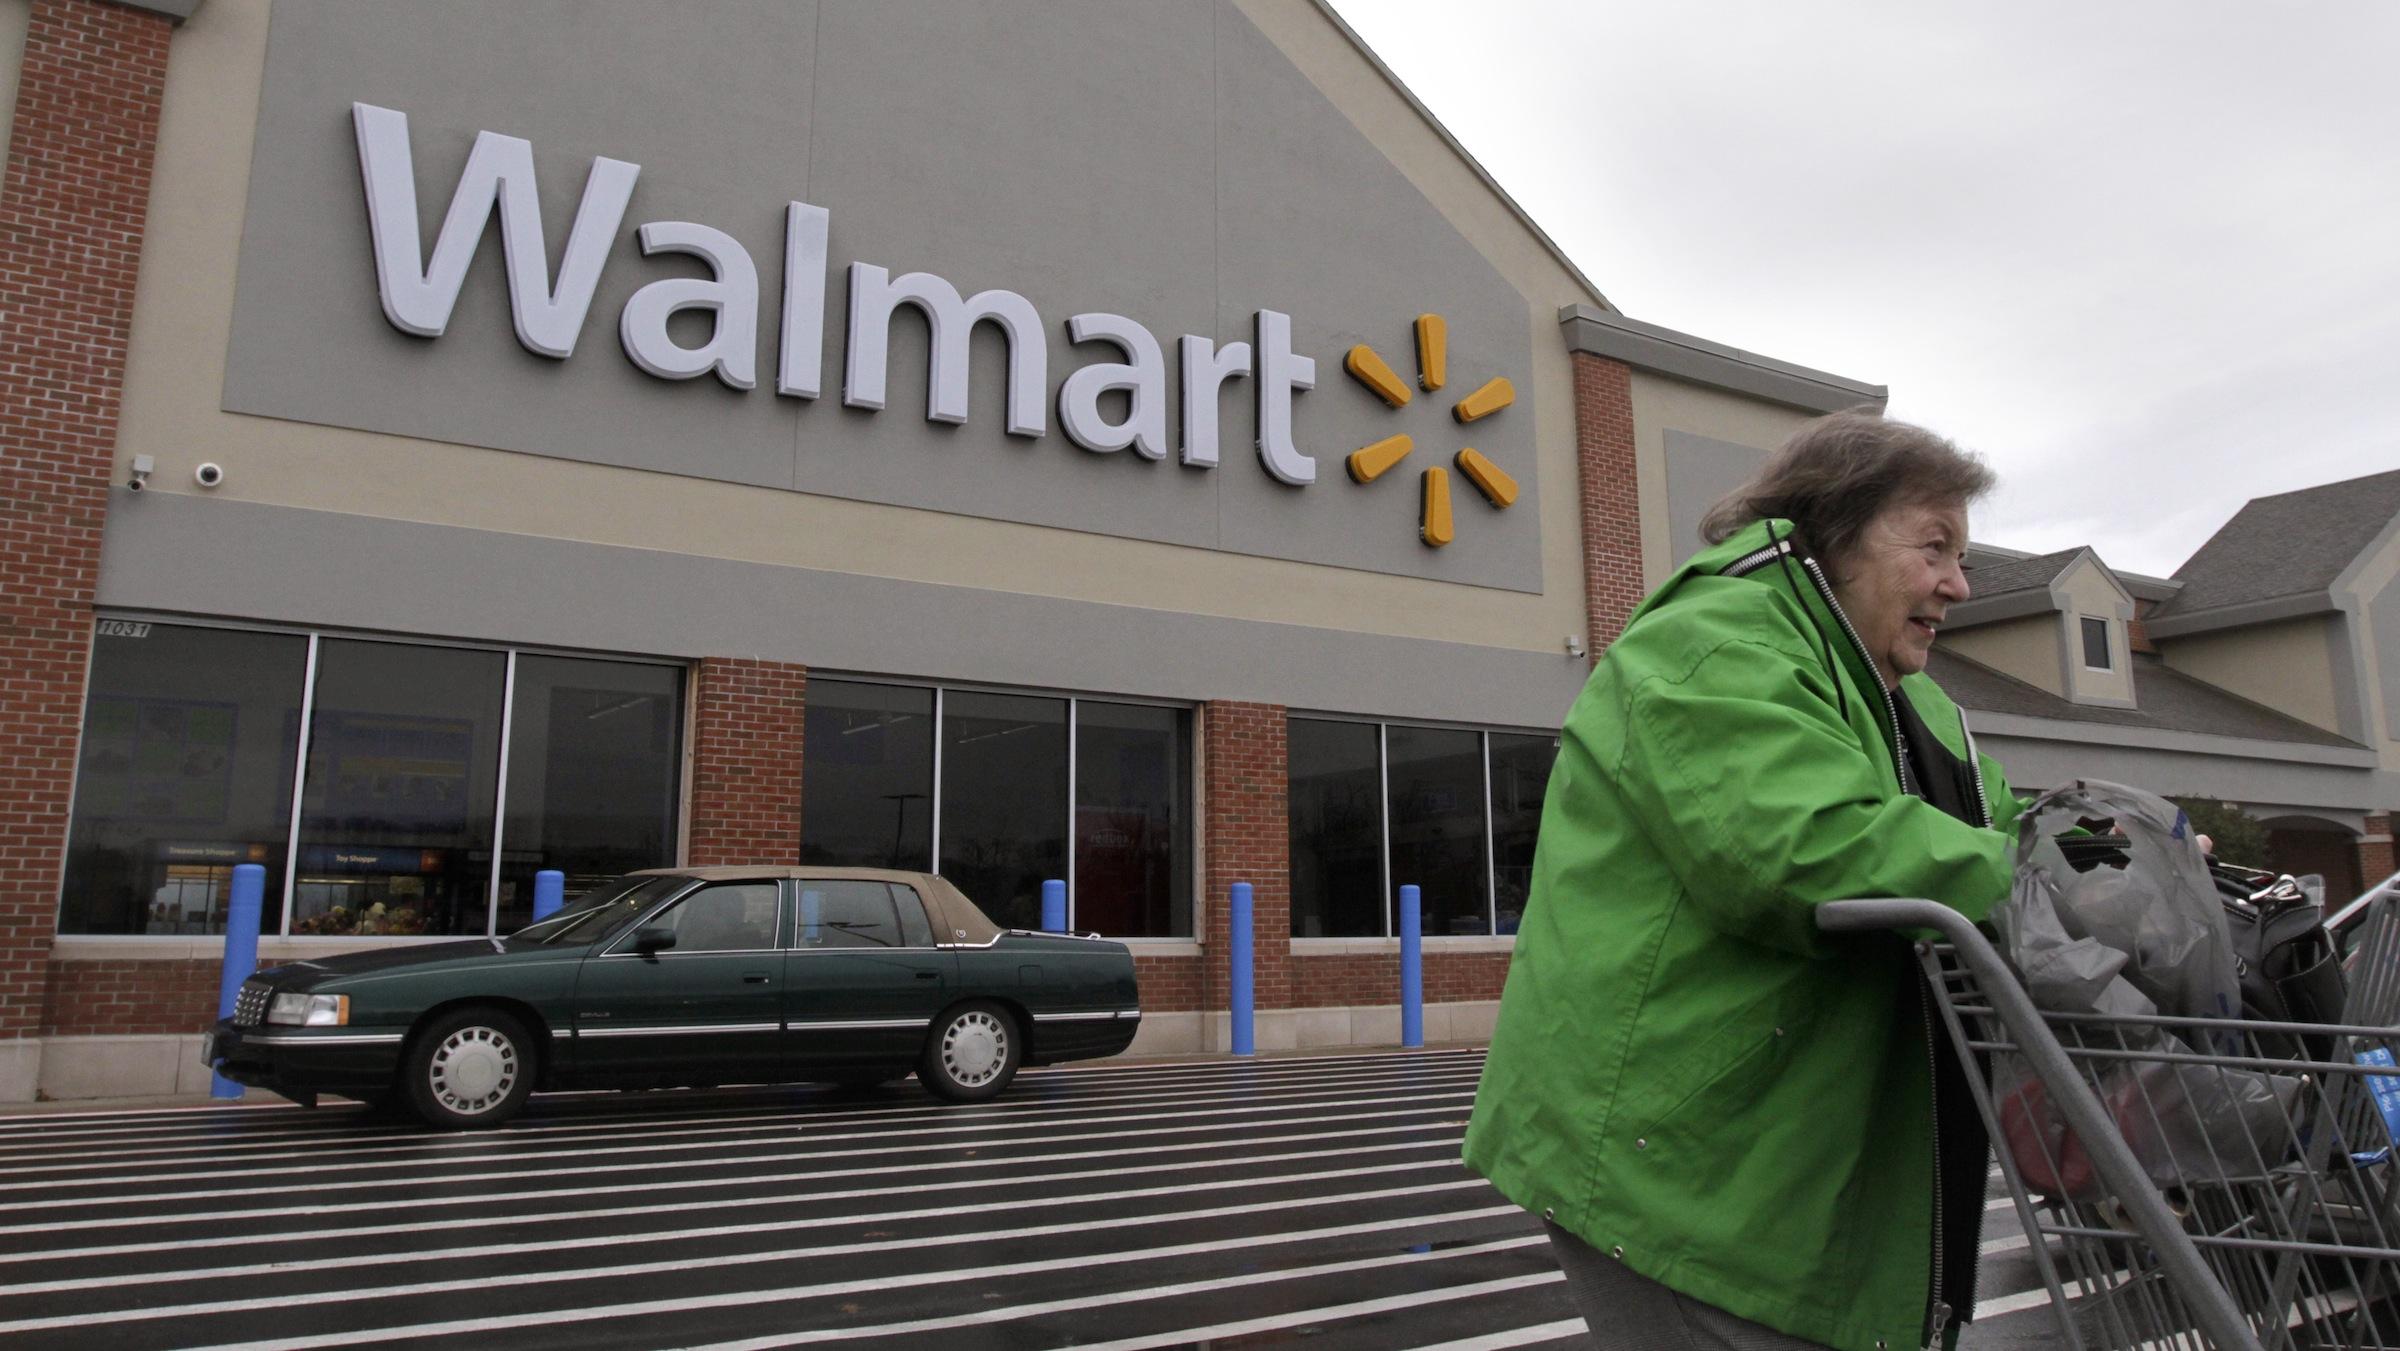 Walmart Barnes & Noble